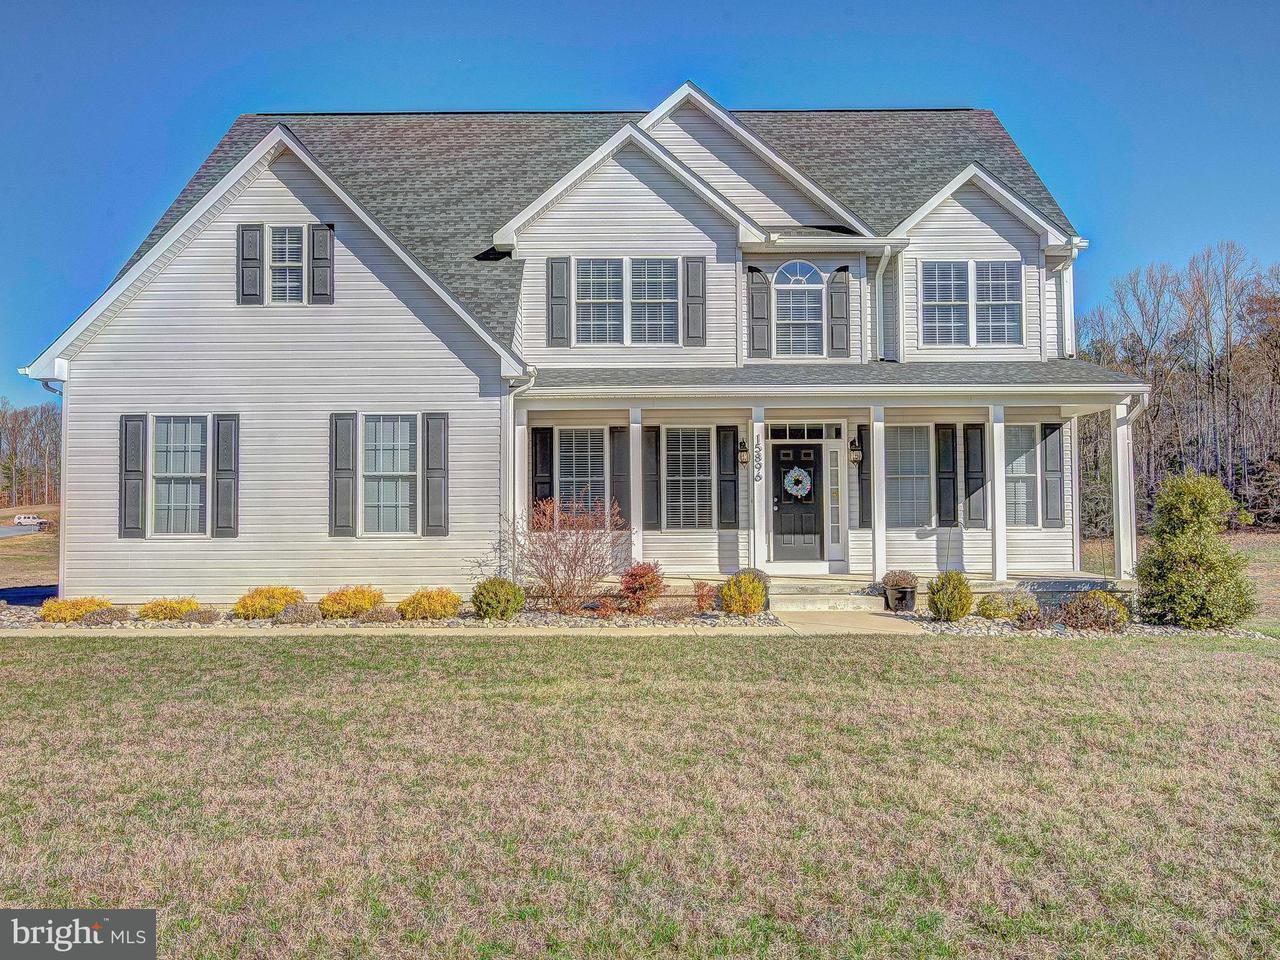 Частный односемейный дом для того Продажа на 15896 Carissa Court 15896 Carissa Court Hughesville, Мэриленд 20637 Соединенные Штаты